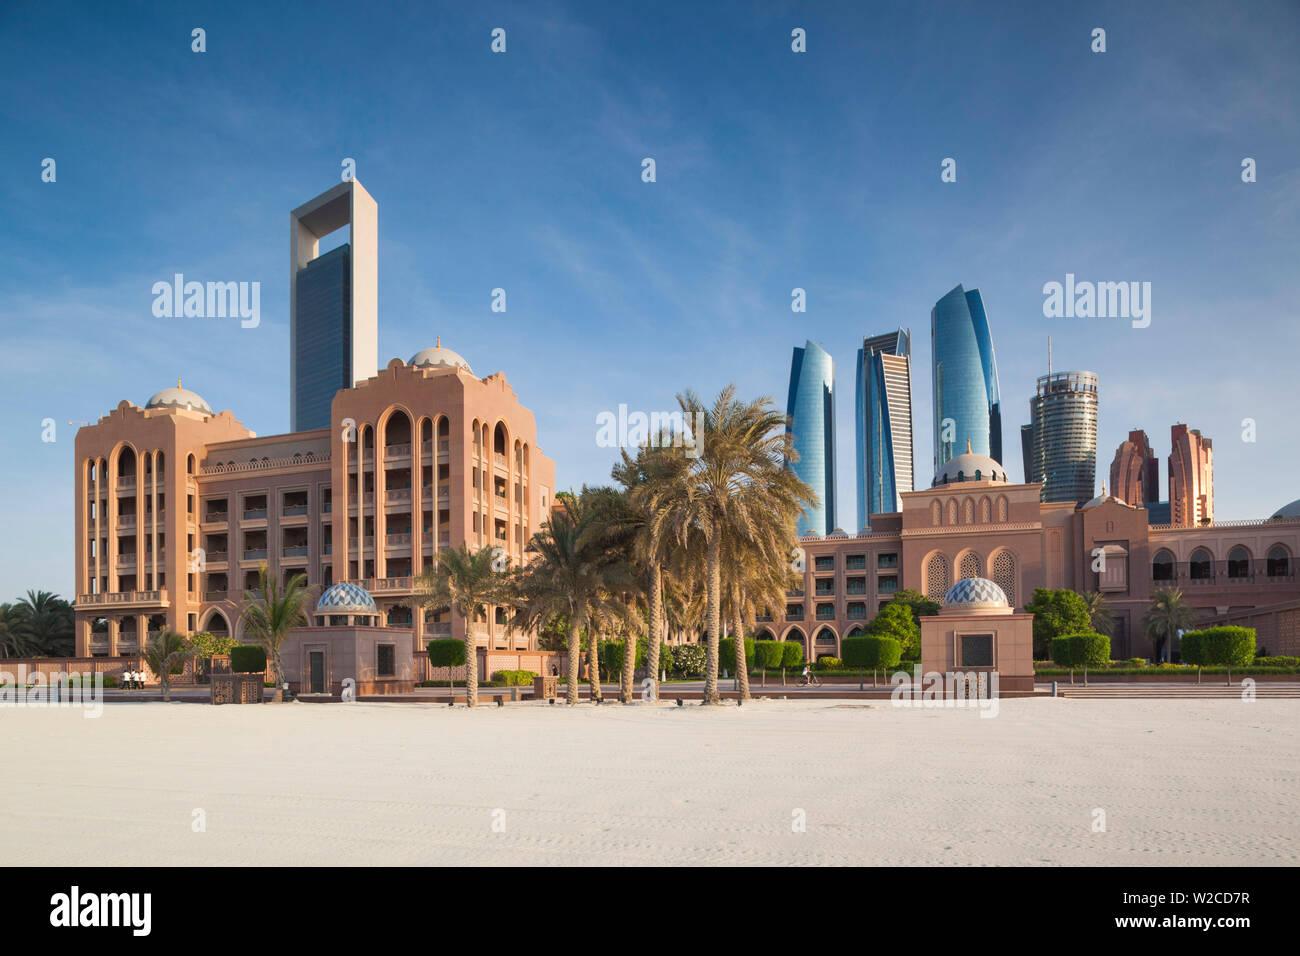 UAE, Abu Dhabi, skyline, ADNOC Tower, Emirates Palace Hotel, and Etihad Towers - Stock Image